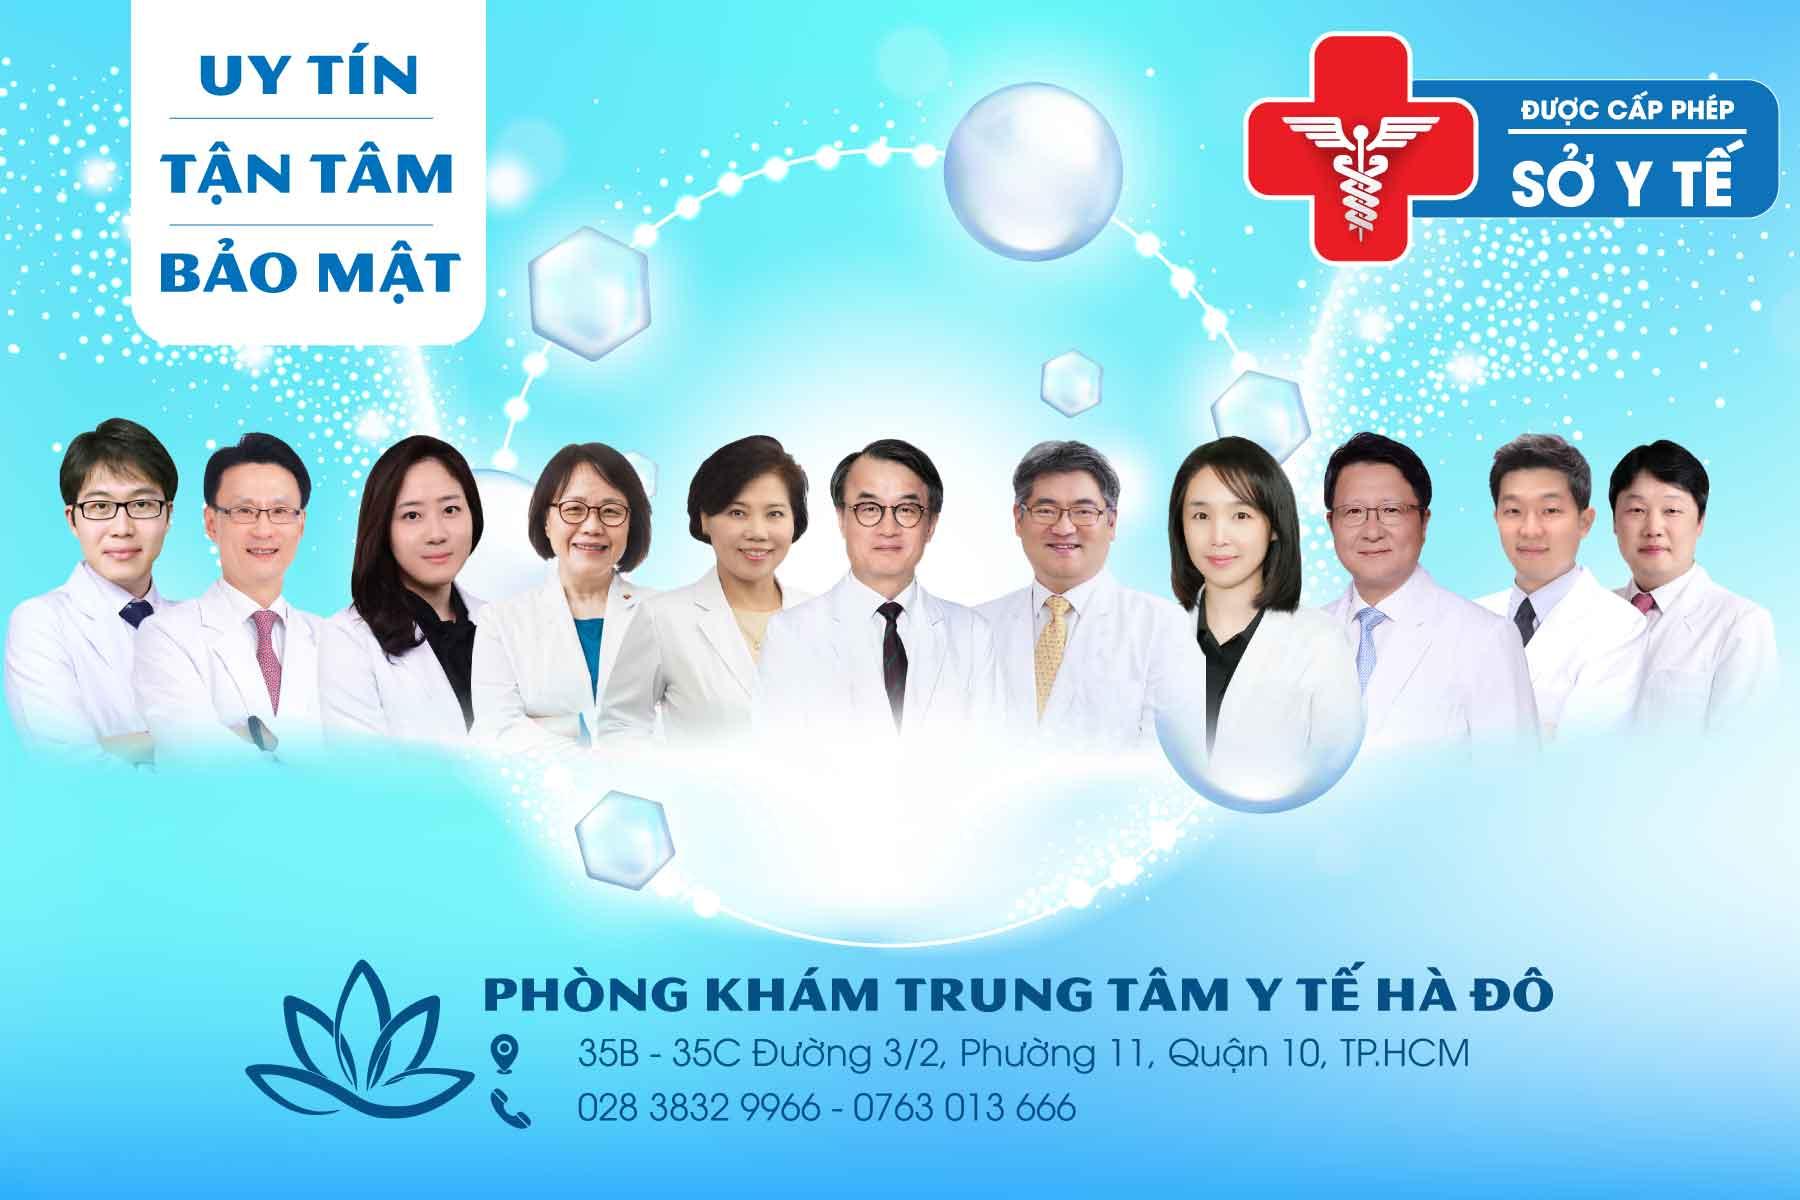 Đội ngũ y bác sĩ phòng khám